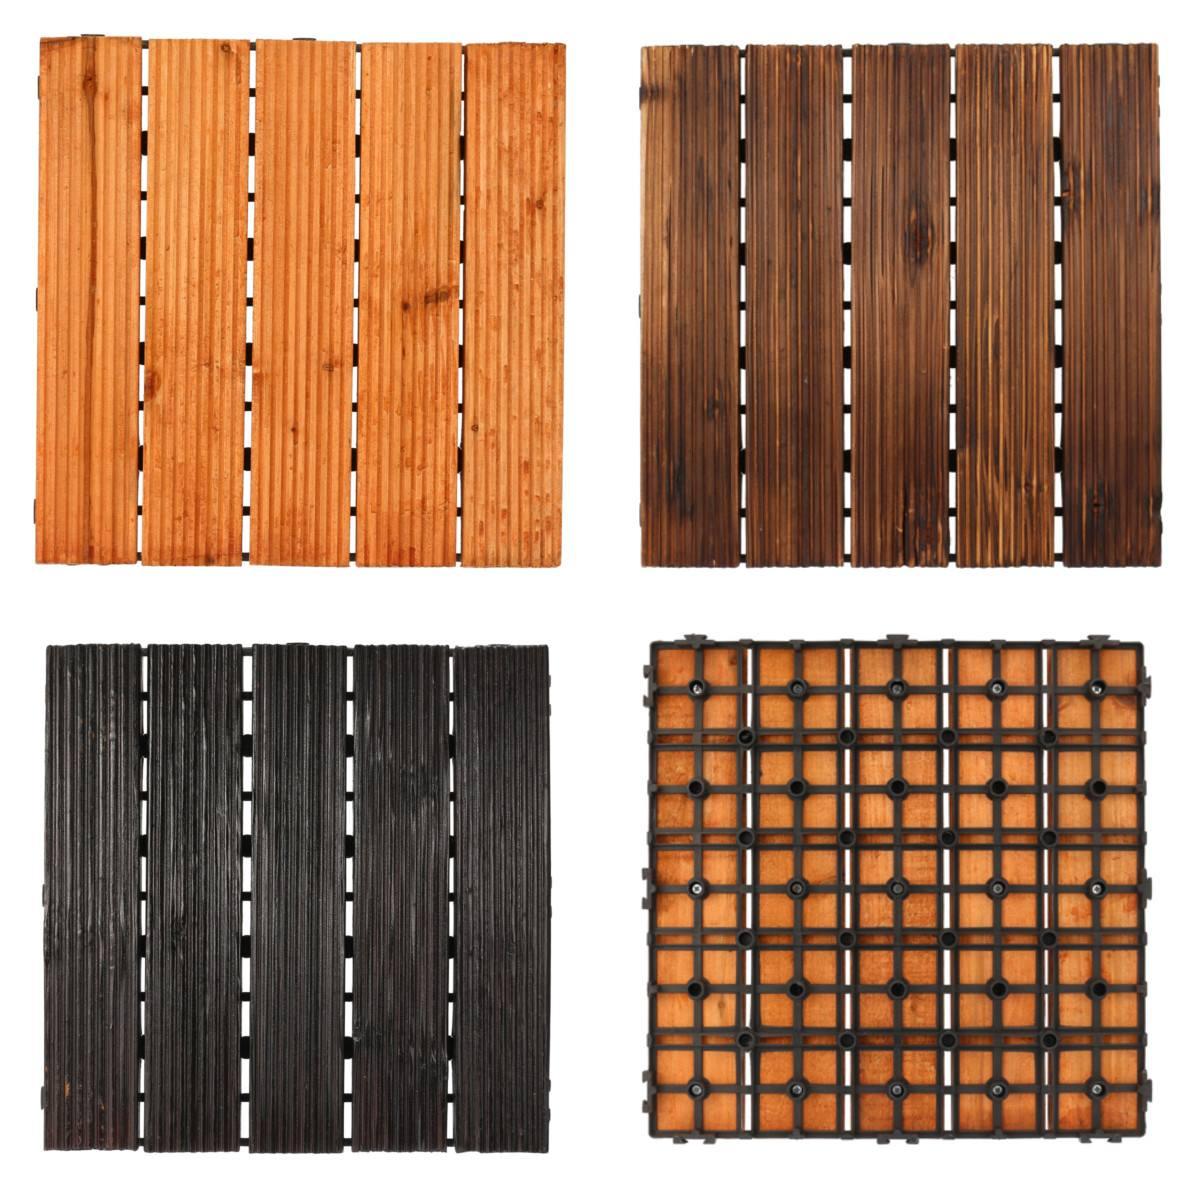 DIY Wood Patio Interlocking Flooring Decking Tile Indoor Outdoor Garden Floor Decoration Furniture Accessories 3 Colors 30x30cm